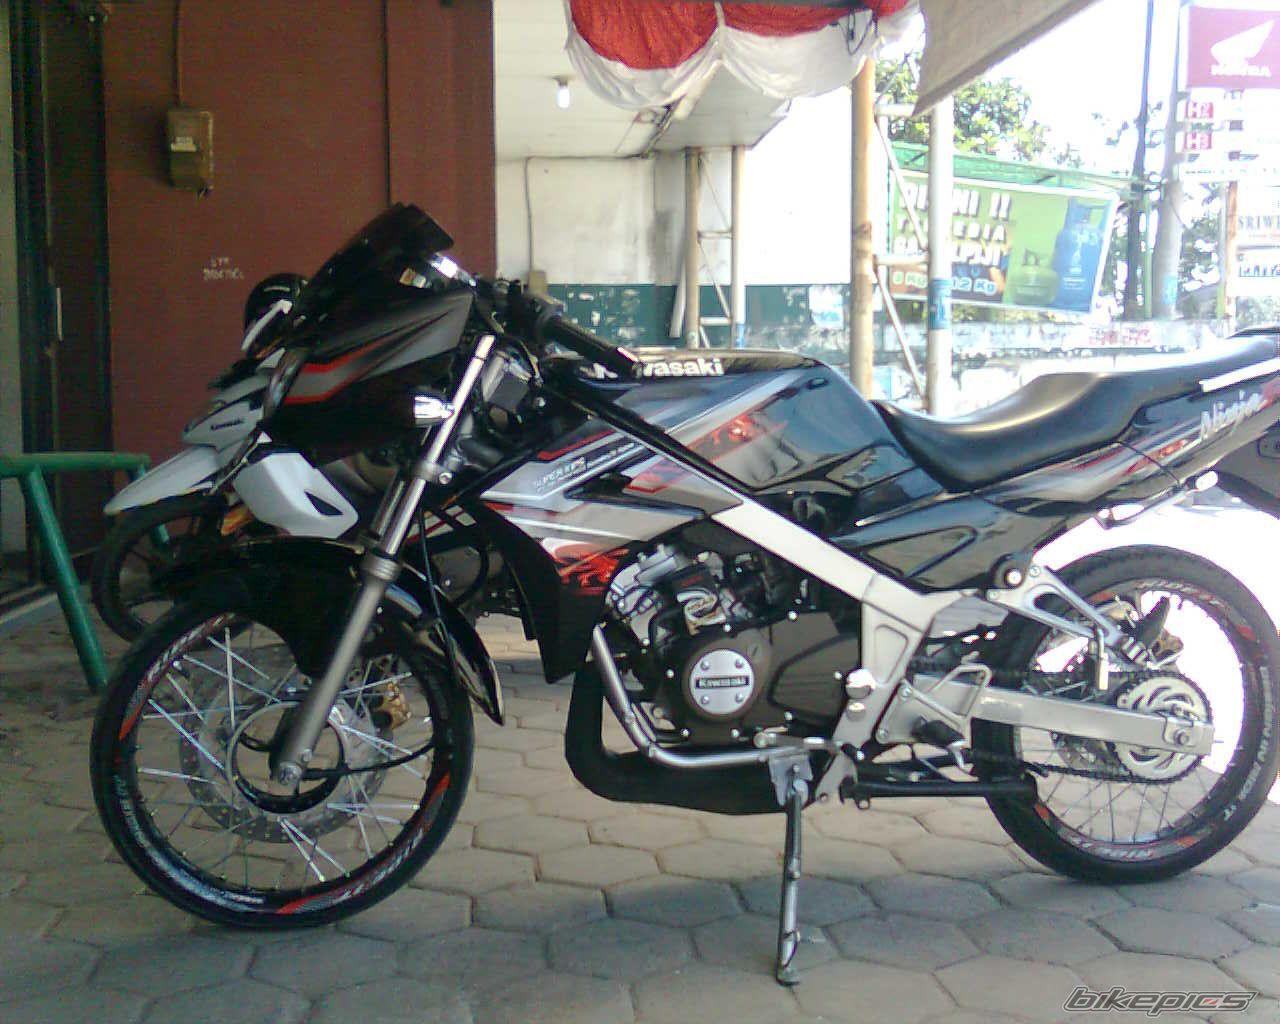 Kawasaki Ninja Kawasaki Ninja Kawasaki Ninja Kawasaki Ninja